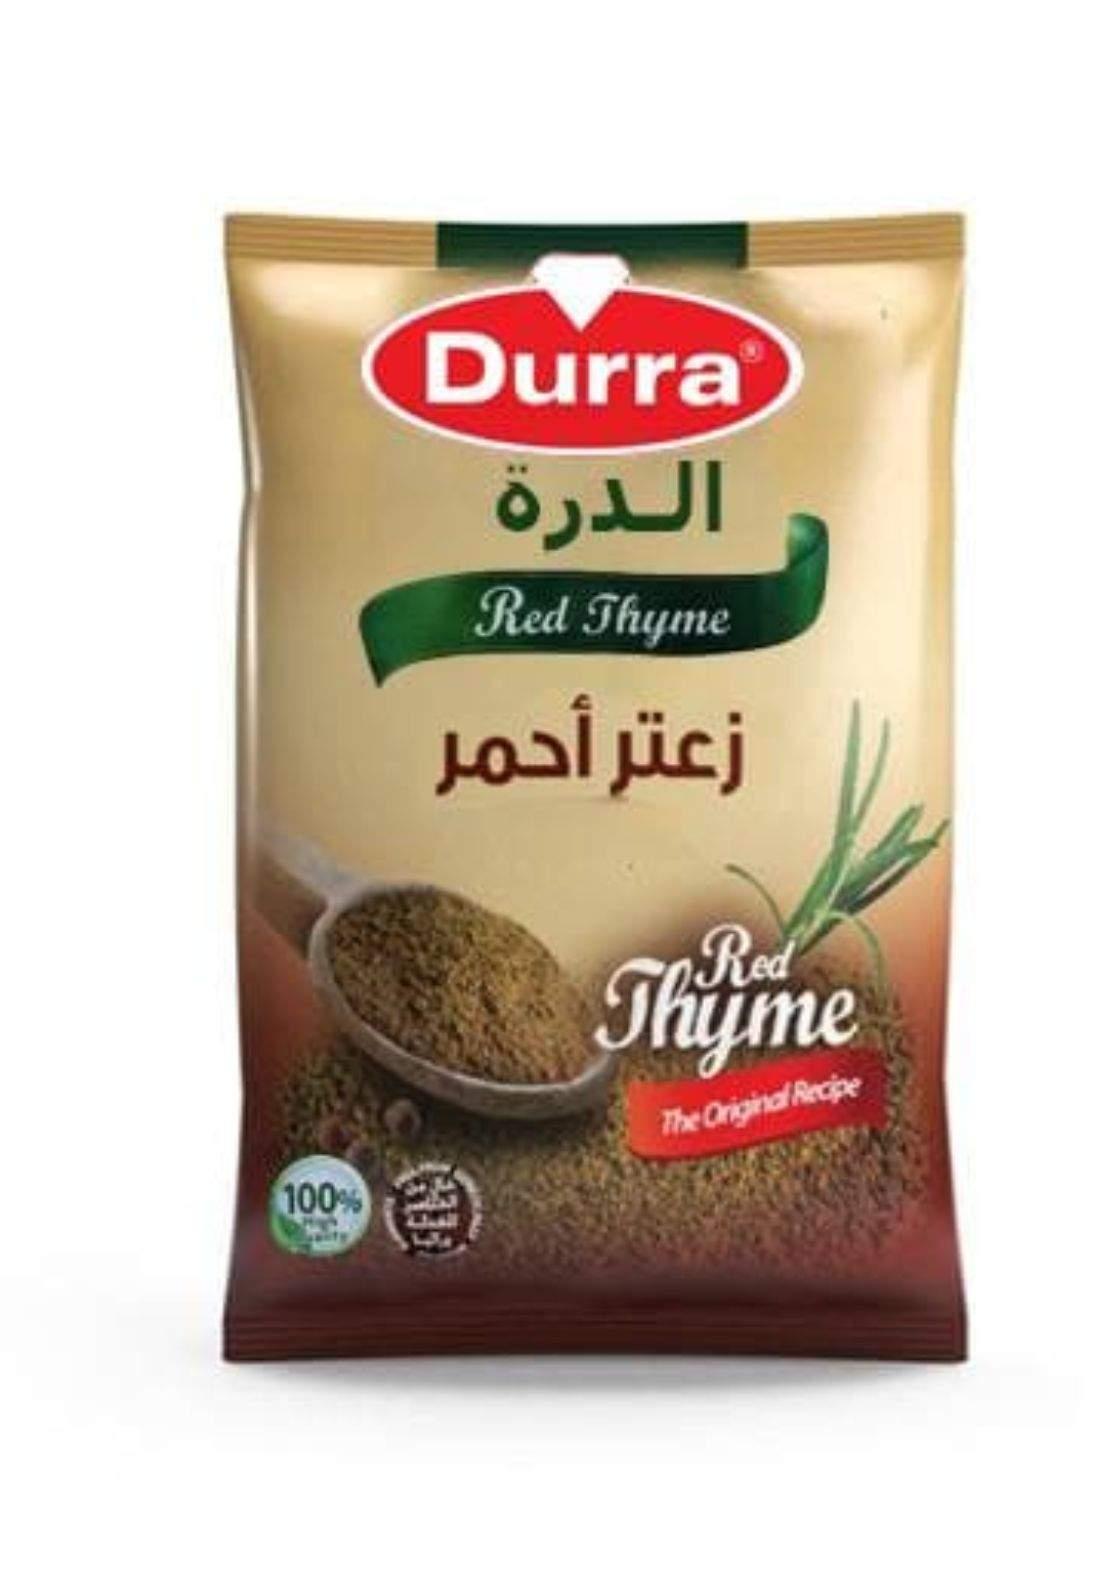 Durra red  thyme 450g الدرة زعتر احمر